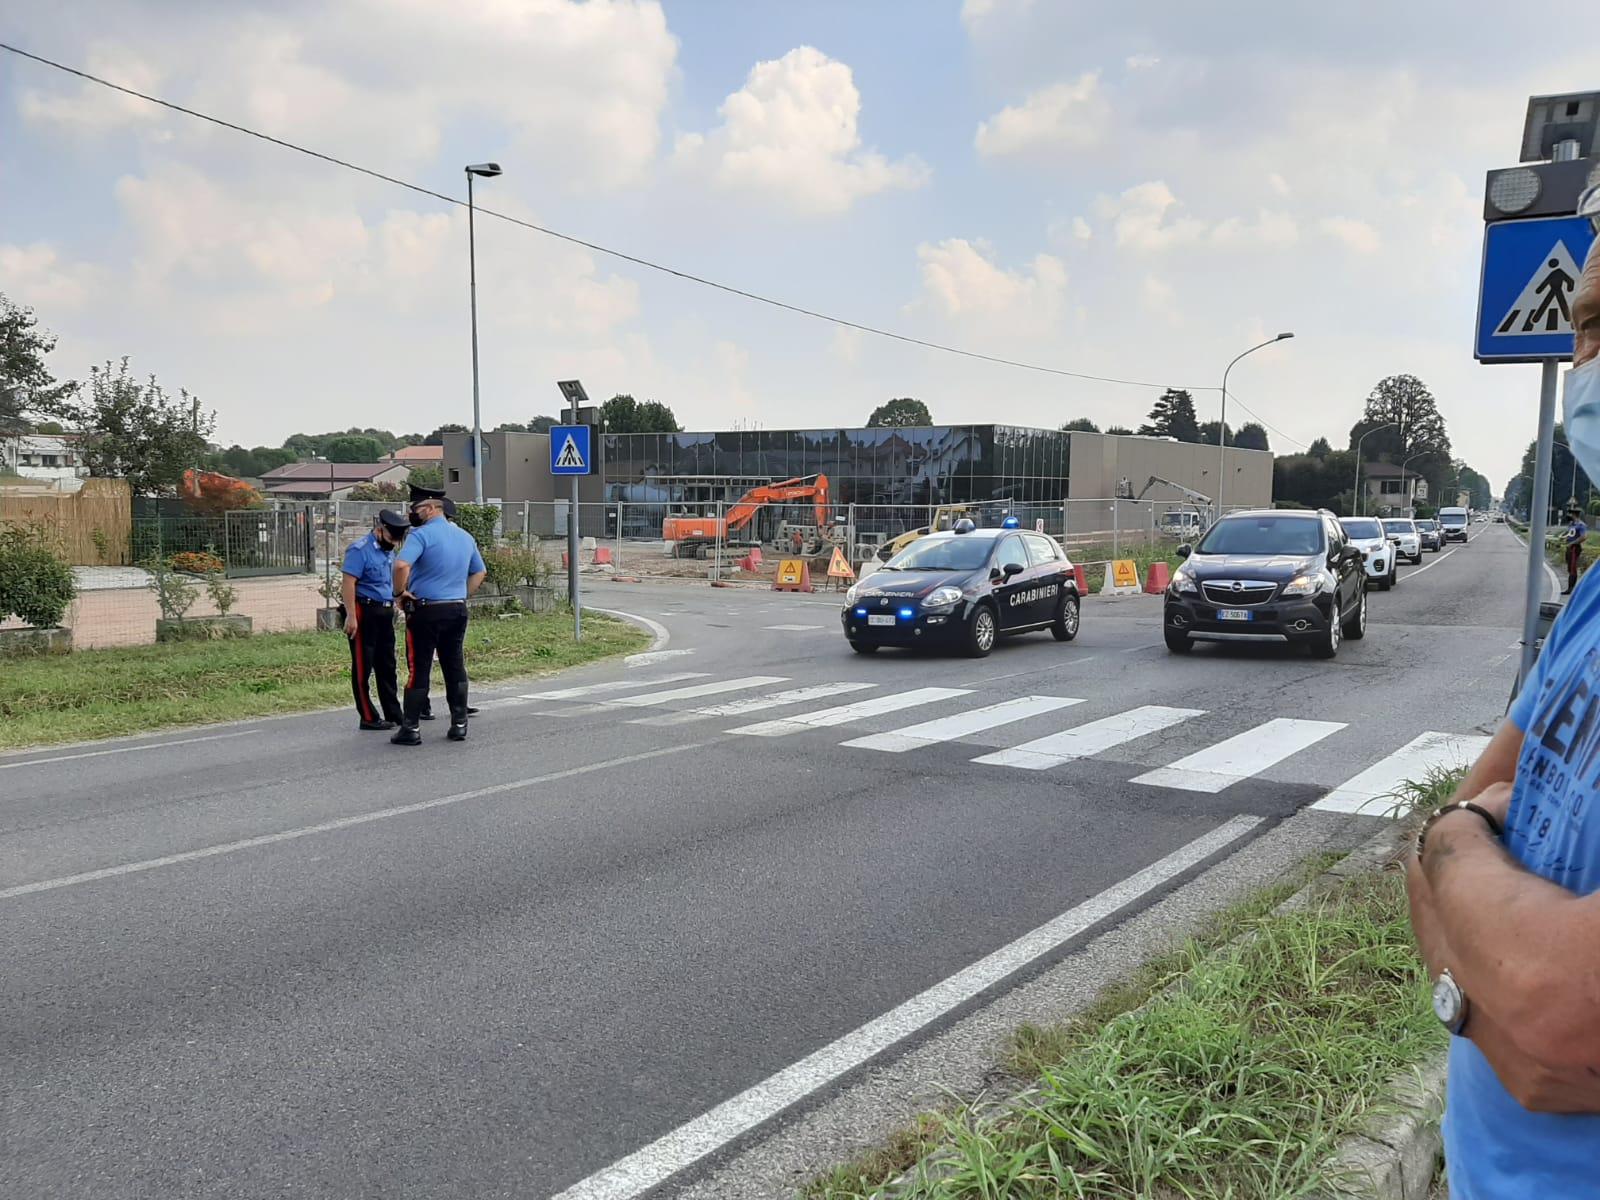 E Morto L 84enne Investito A Lentate Sul Seveso Prima Monza